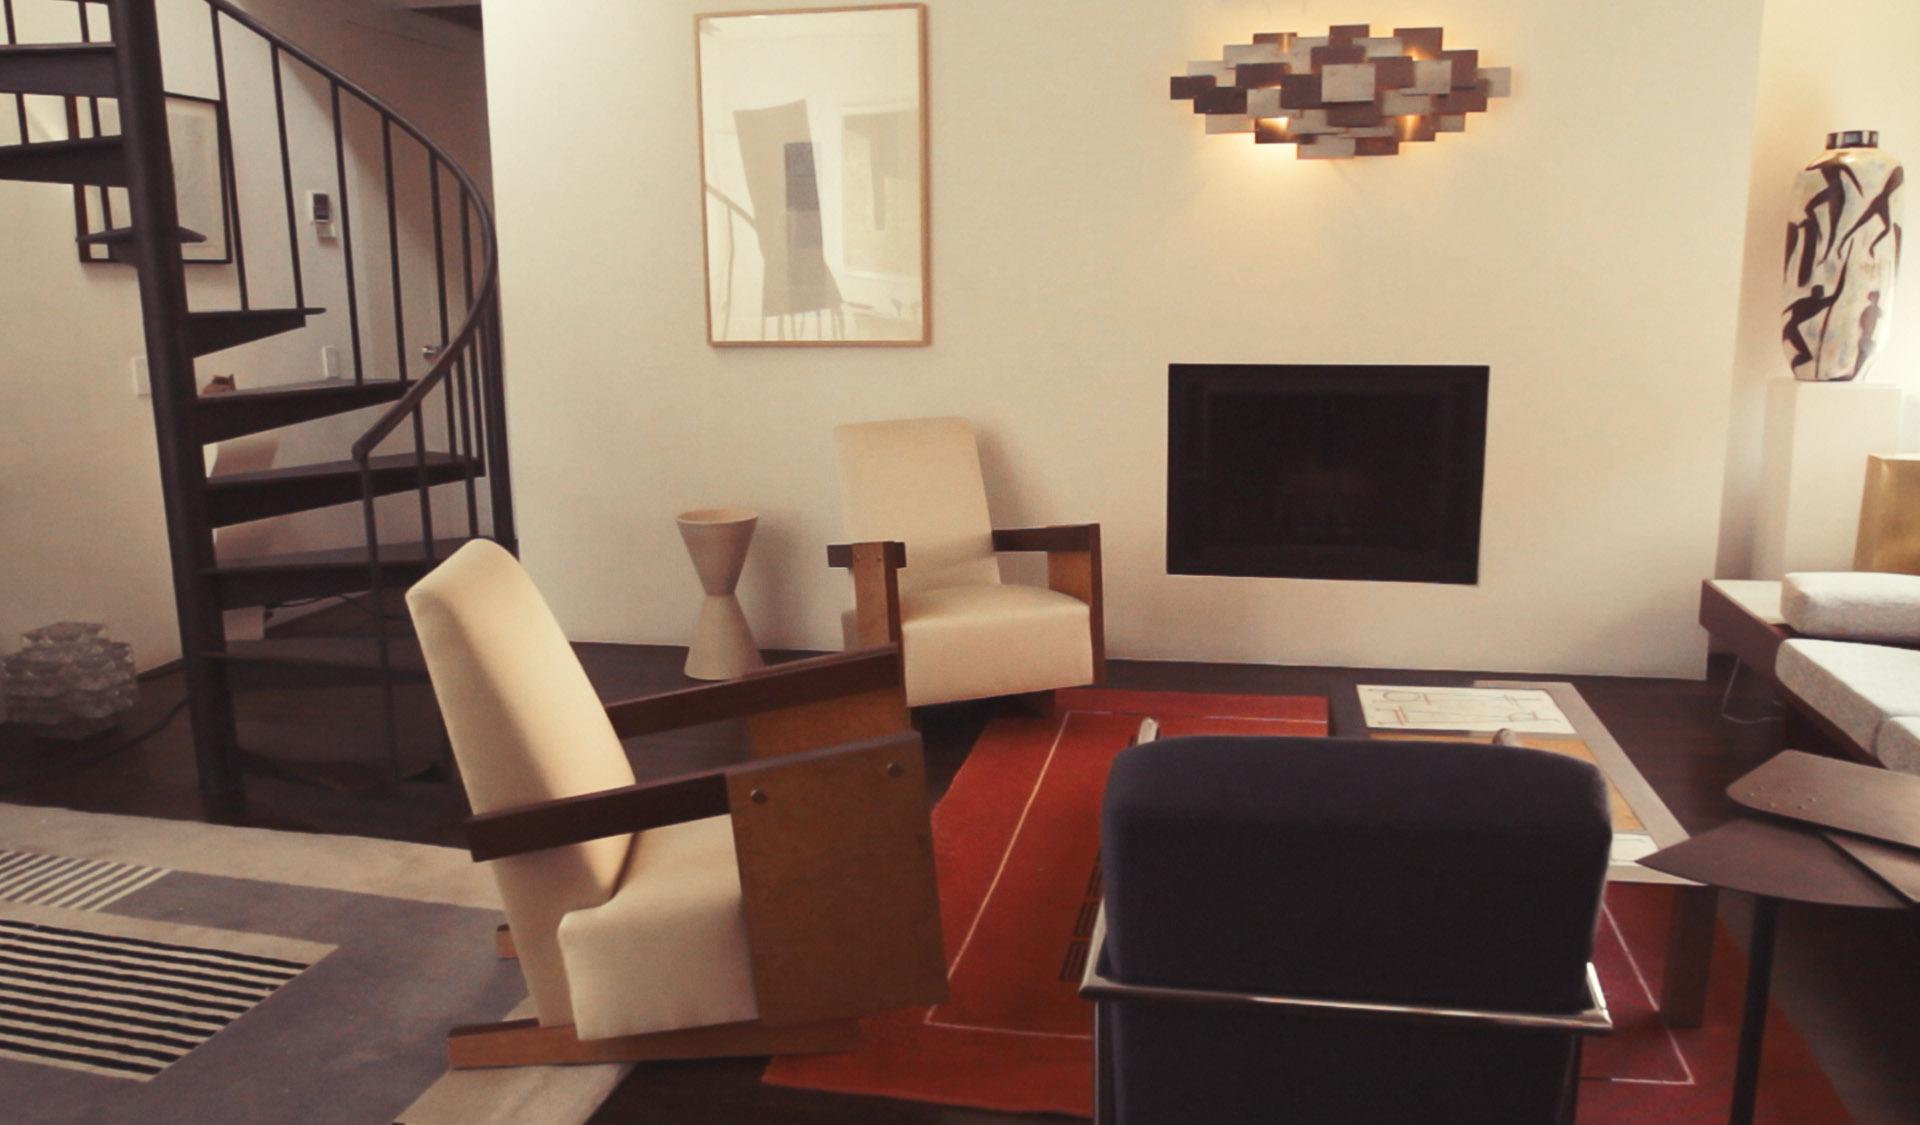 Miguel_Saco_apartment_interior